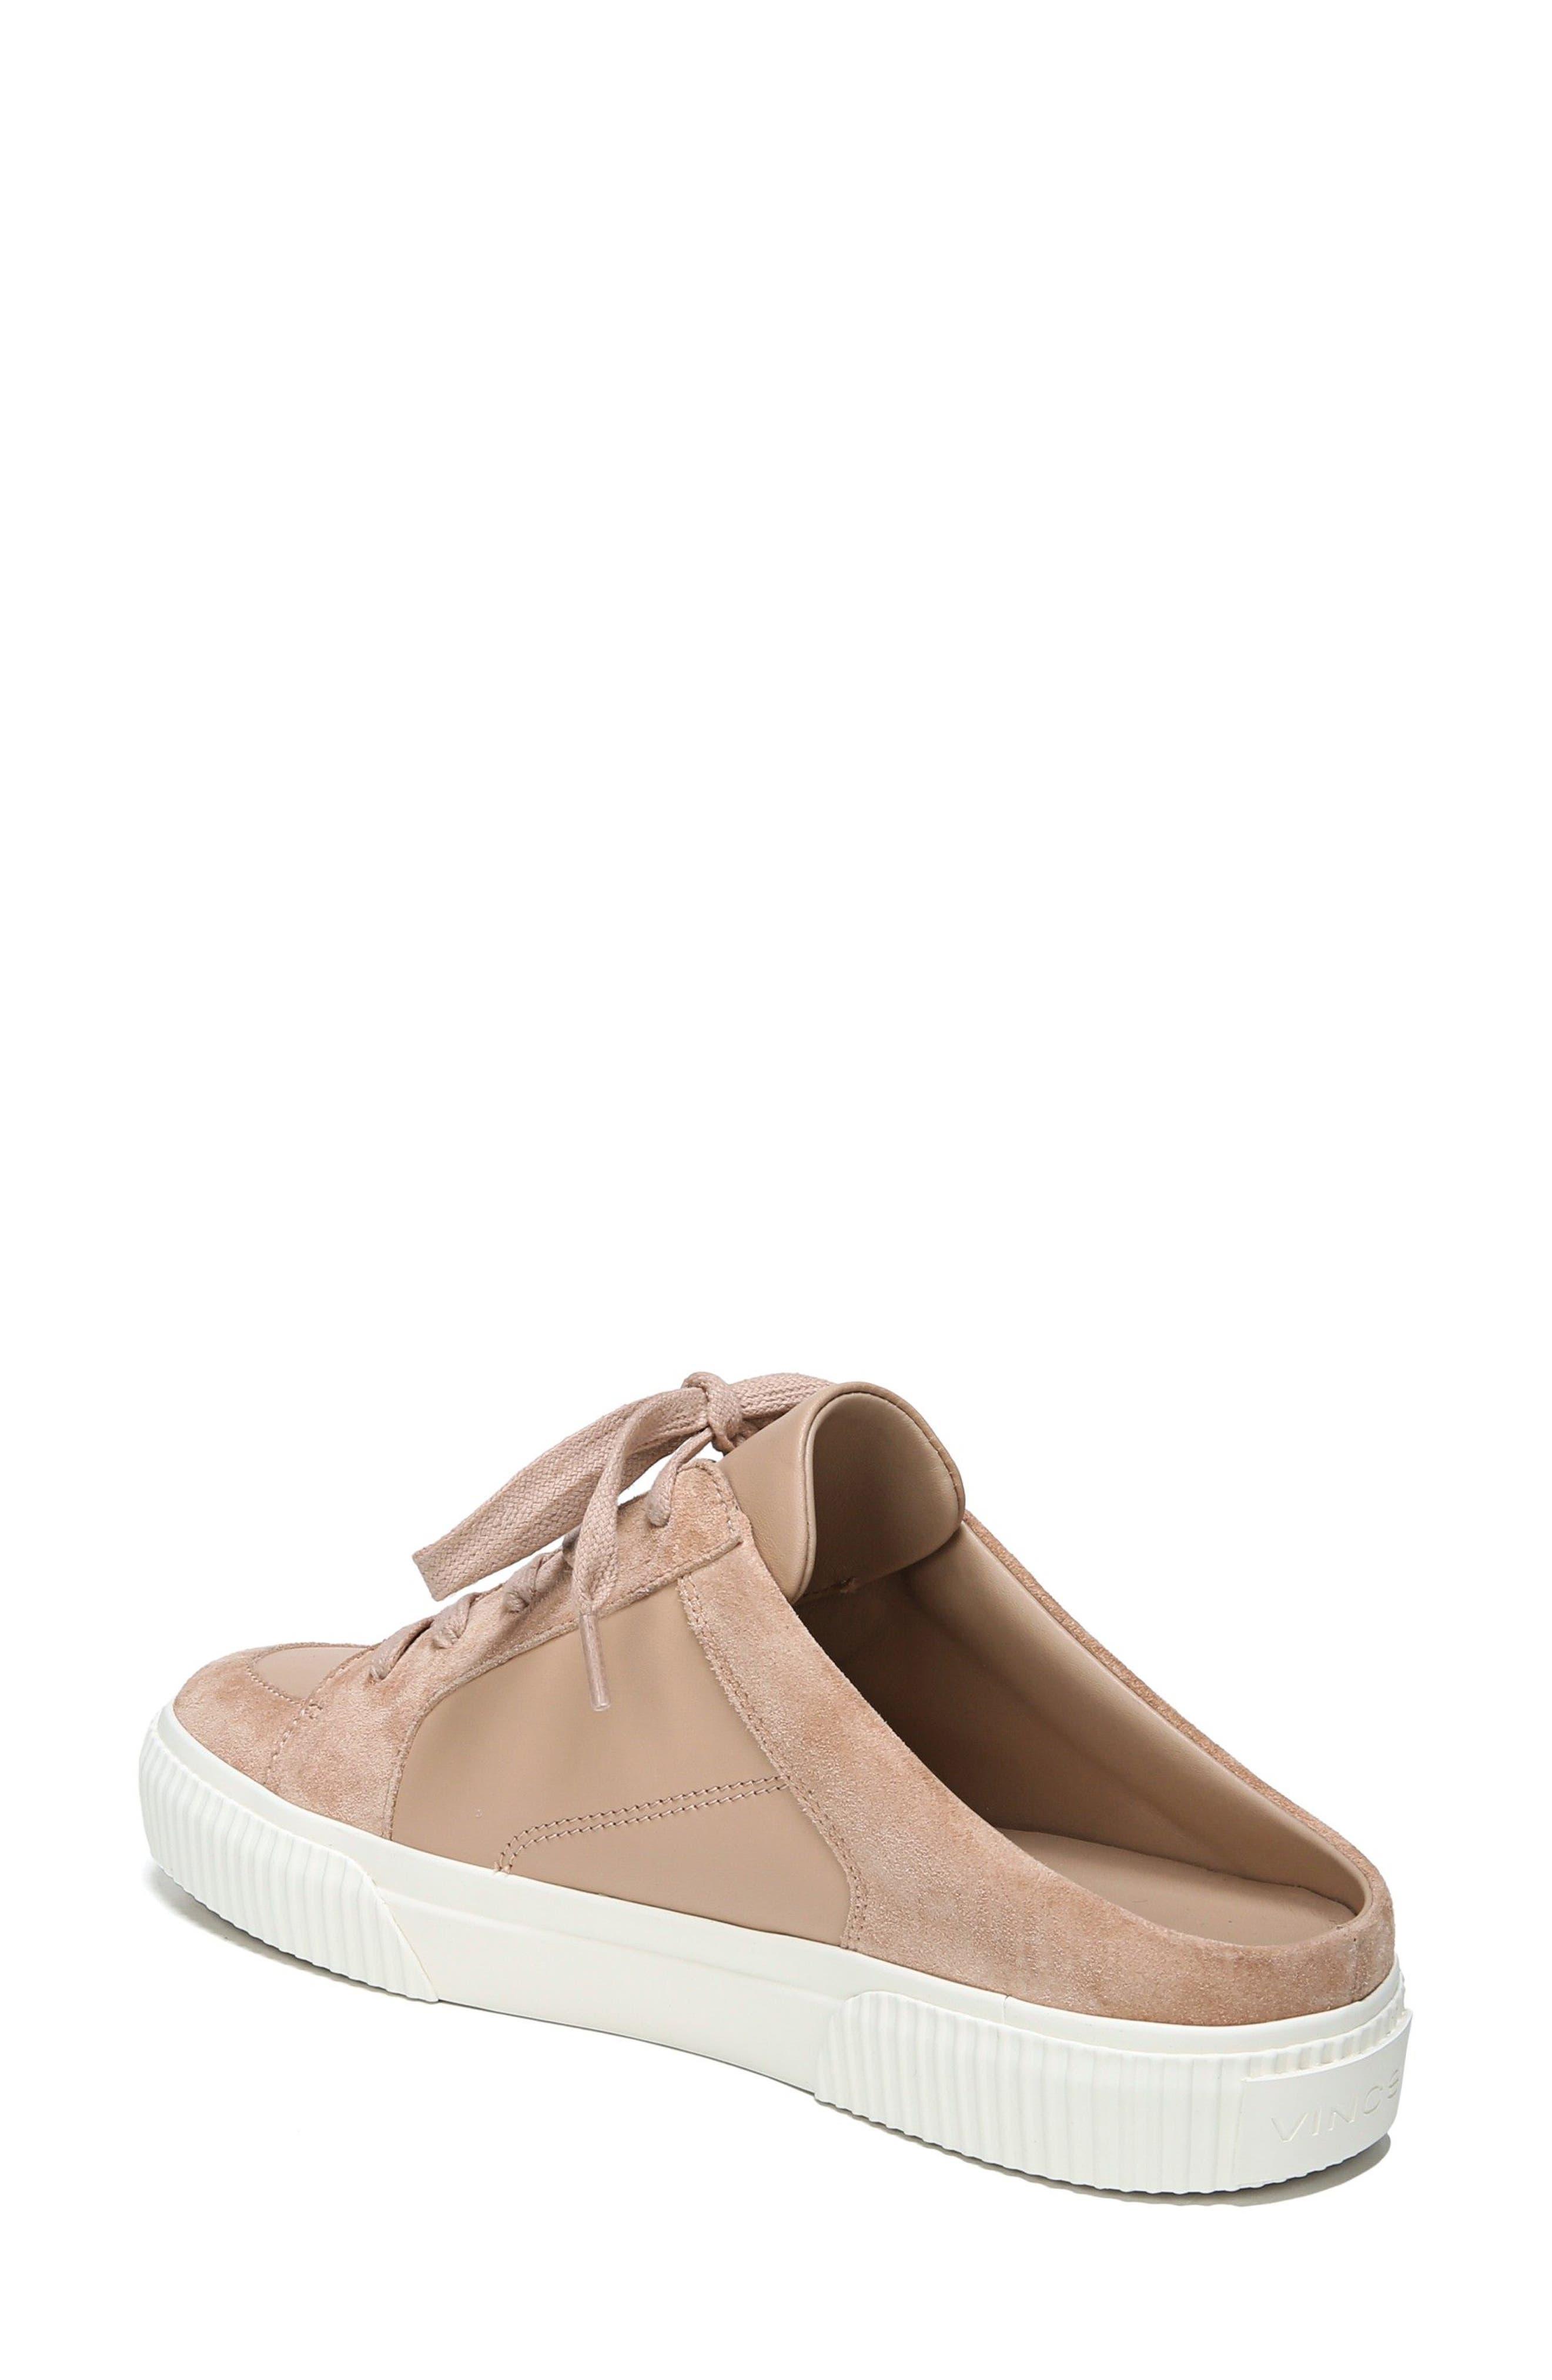 Kess Slip-On Sneaker,                             Alternate thumbnail 2, color,                             251